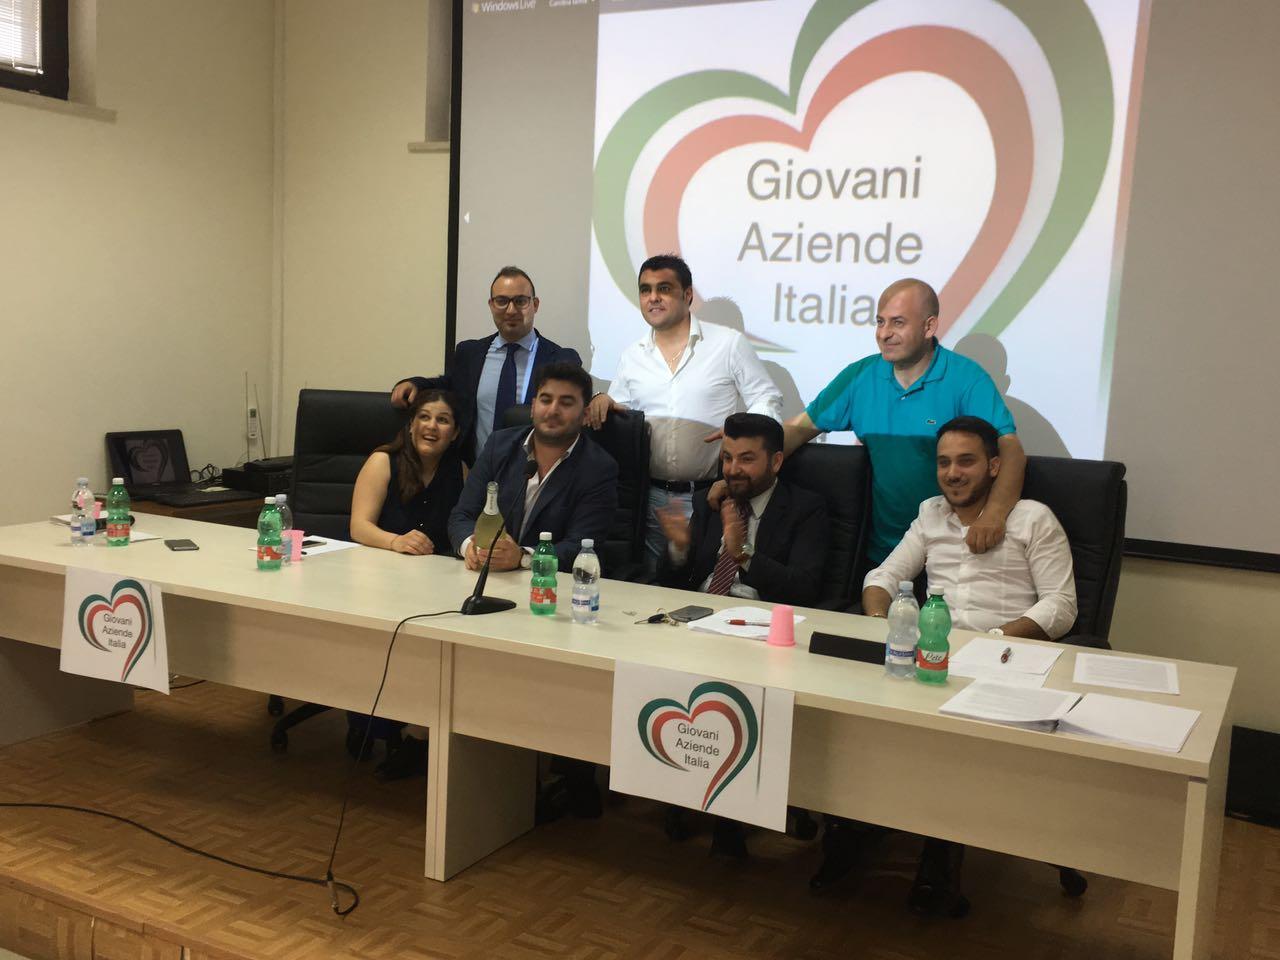 giovani aziende italia